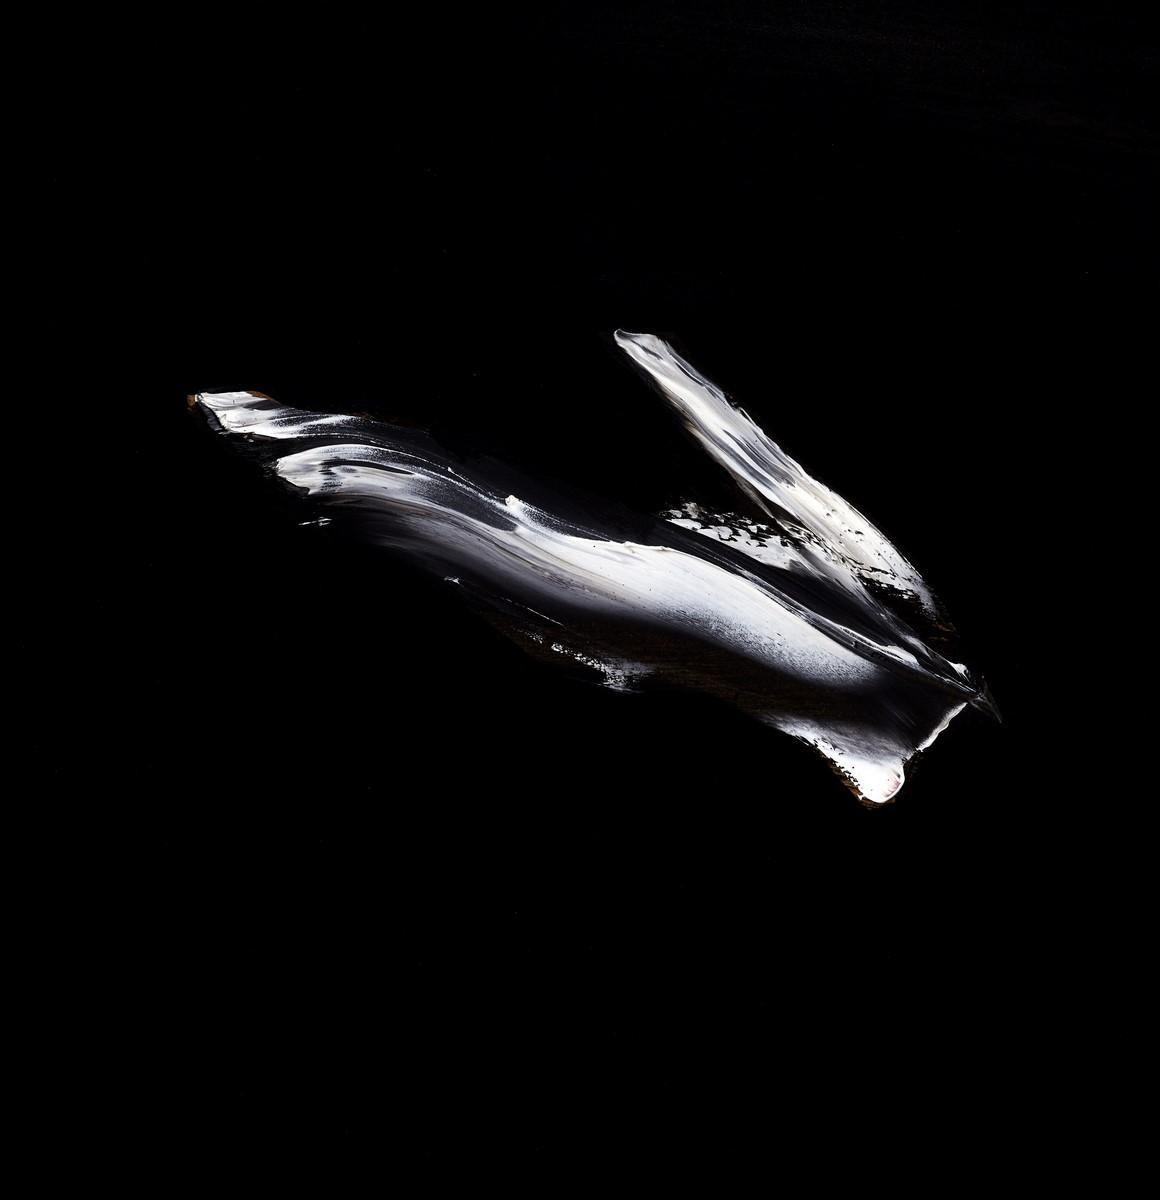 Lorenzo Puglisi, Nell'orto degli ulivi, 2018, olio su tavola, 207x157 cm, particolare #3